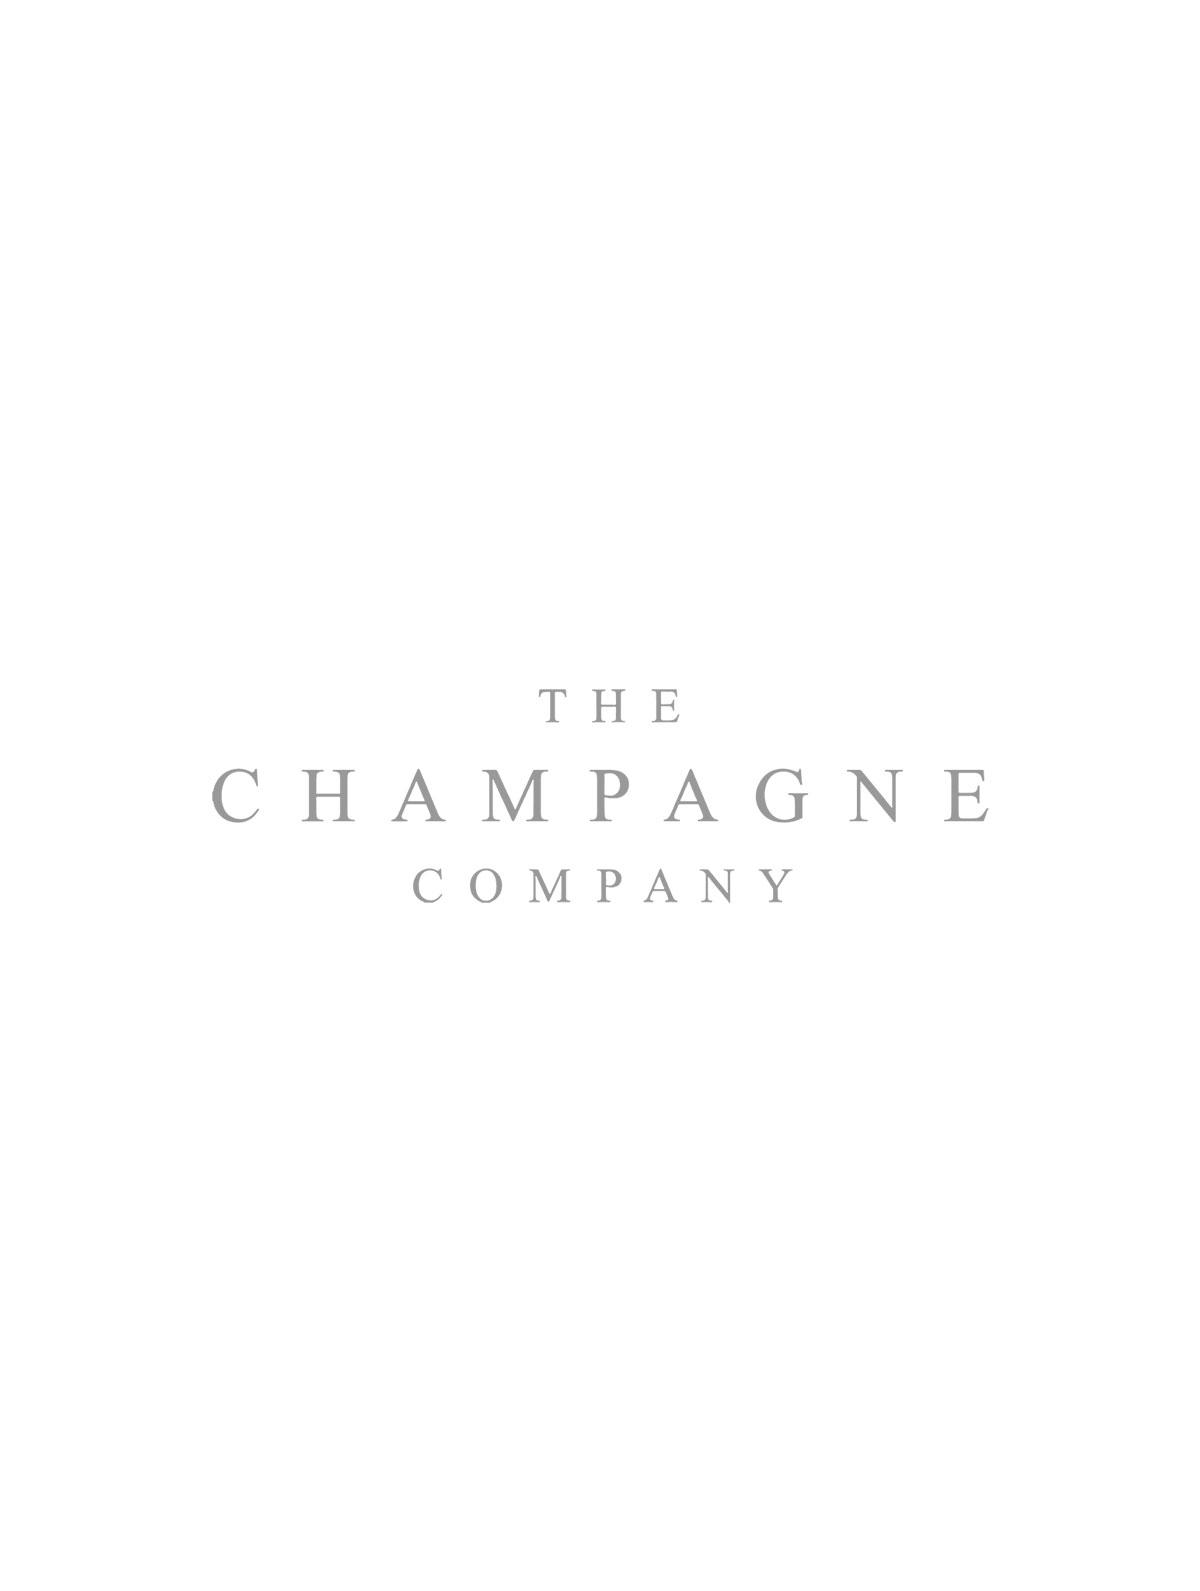 Zuidam Distillers - Millstone 8 year Old Rye 70cl Gift Box